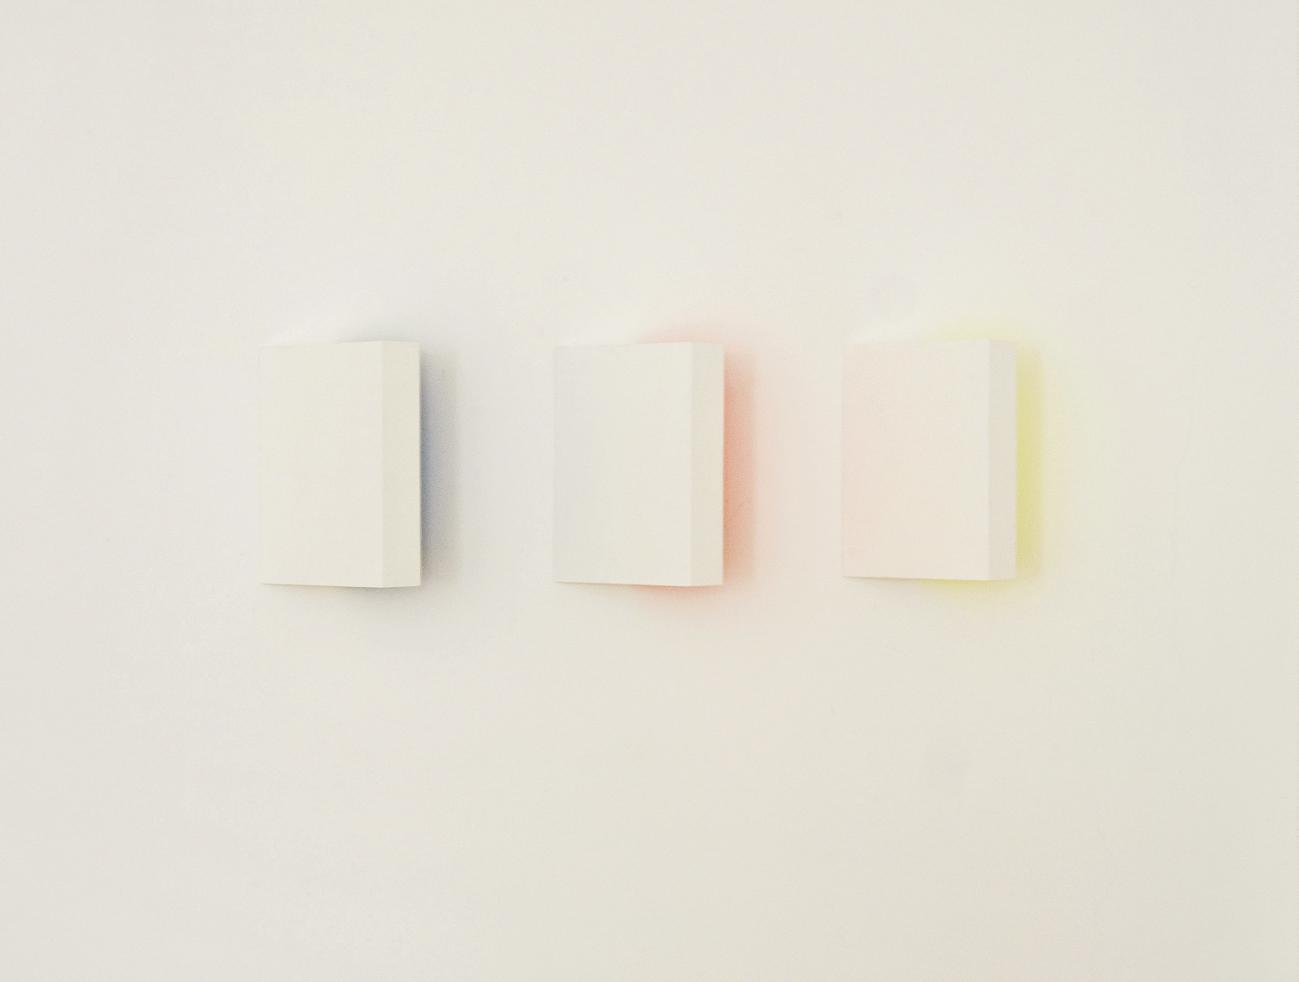 akril, les, 40 x 125 cm, 2003